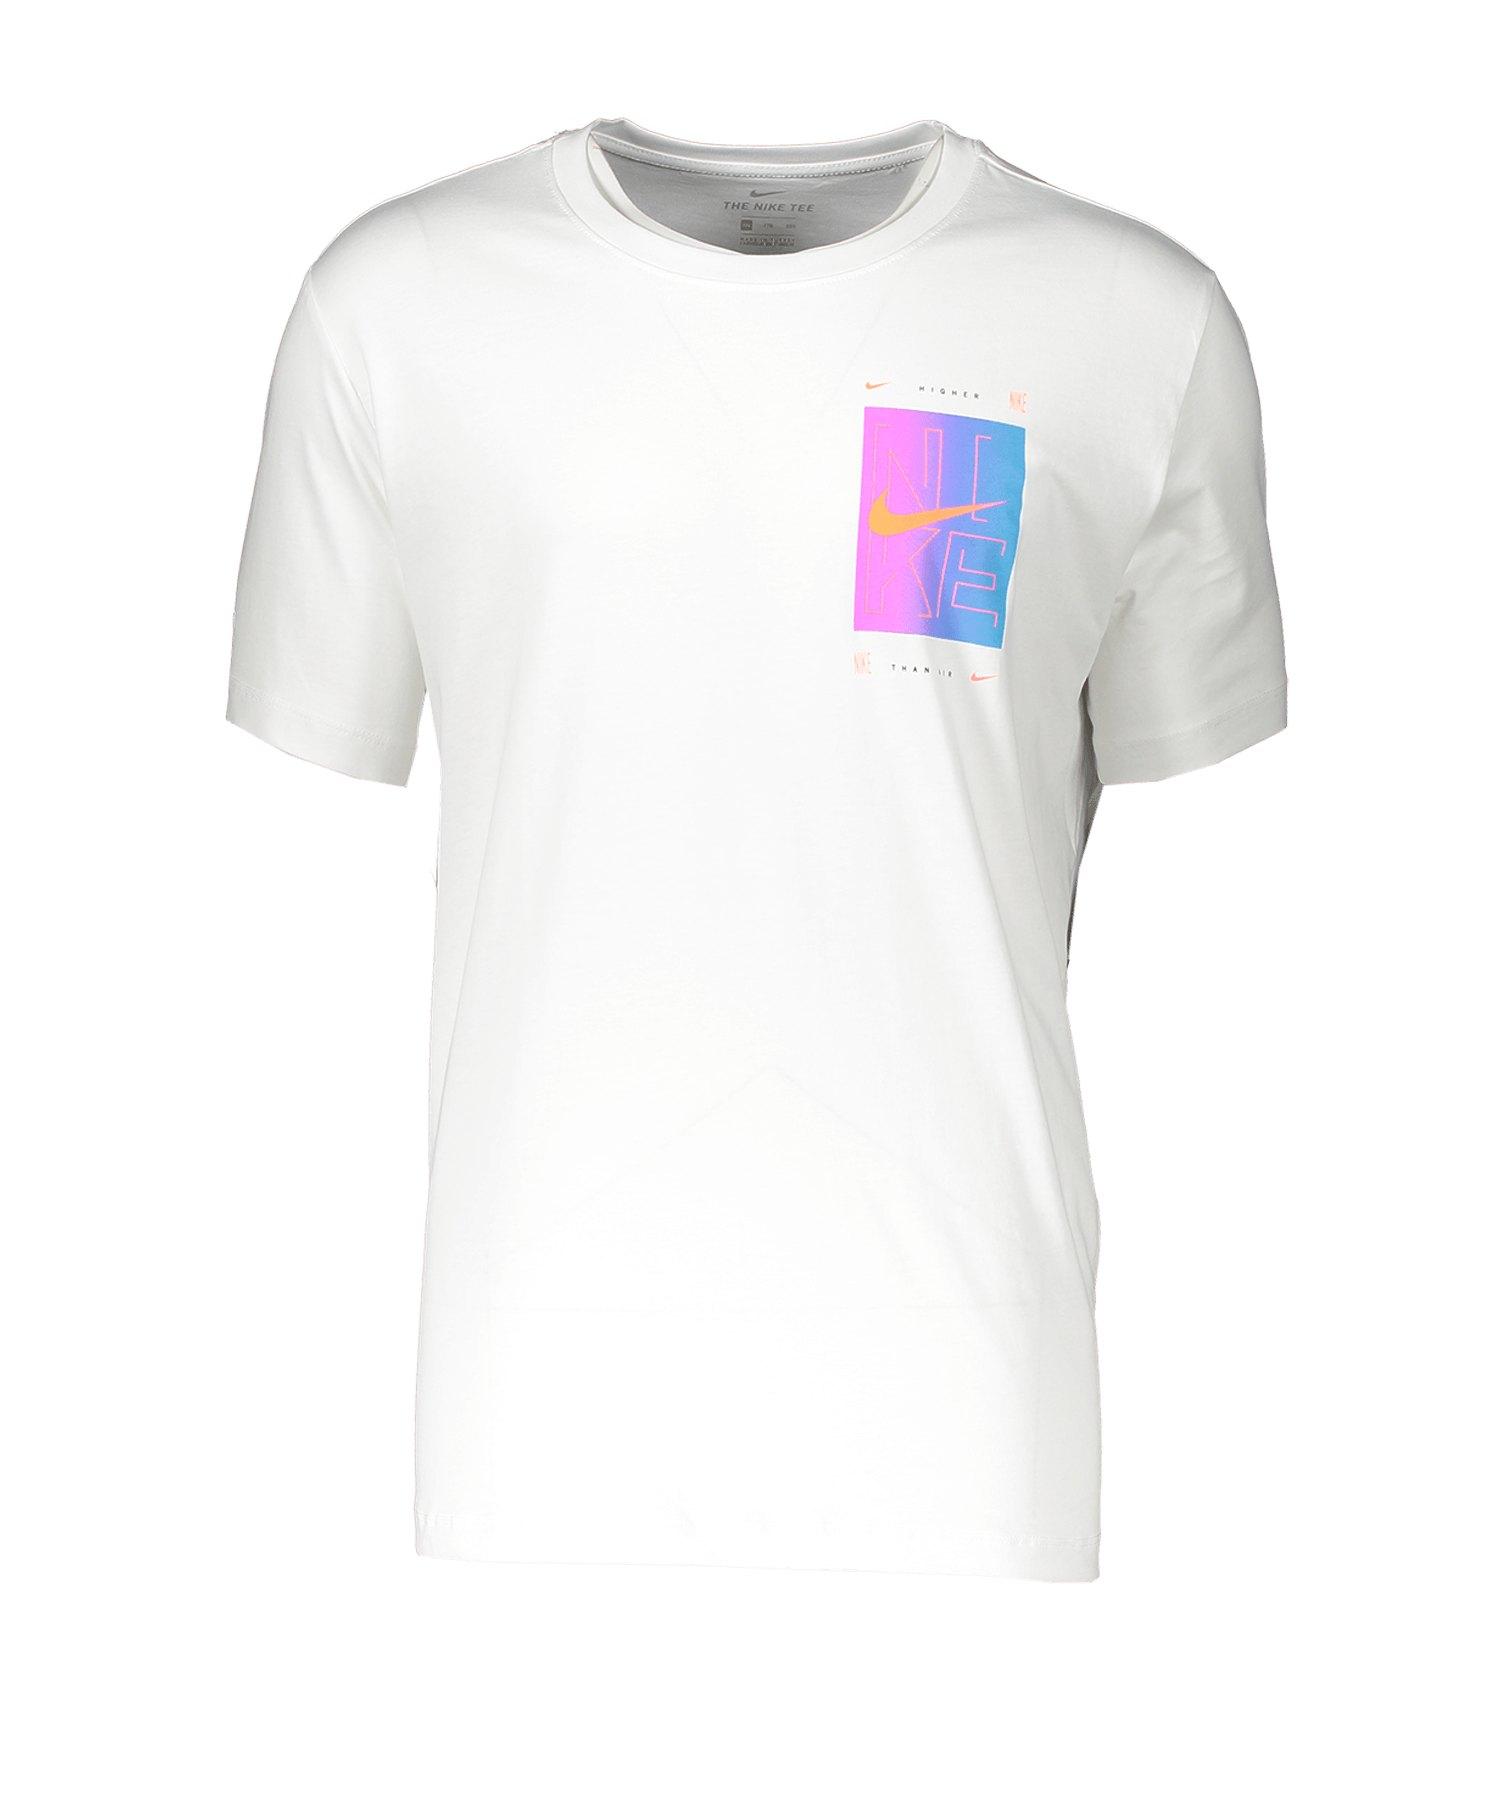 Nike SNKR CLTR T-Shirt Weiss F100 - weiss